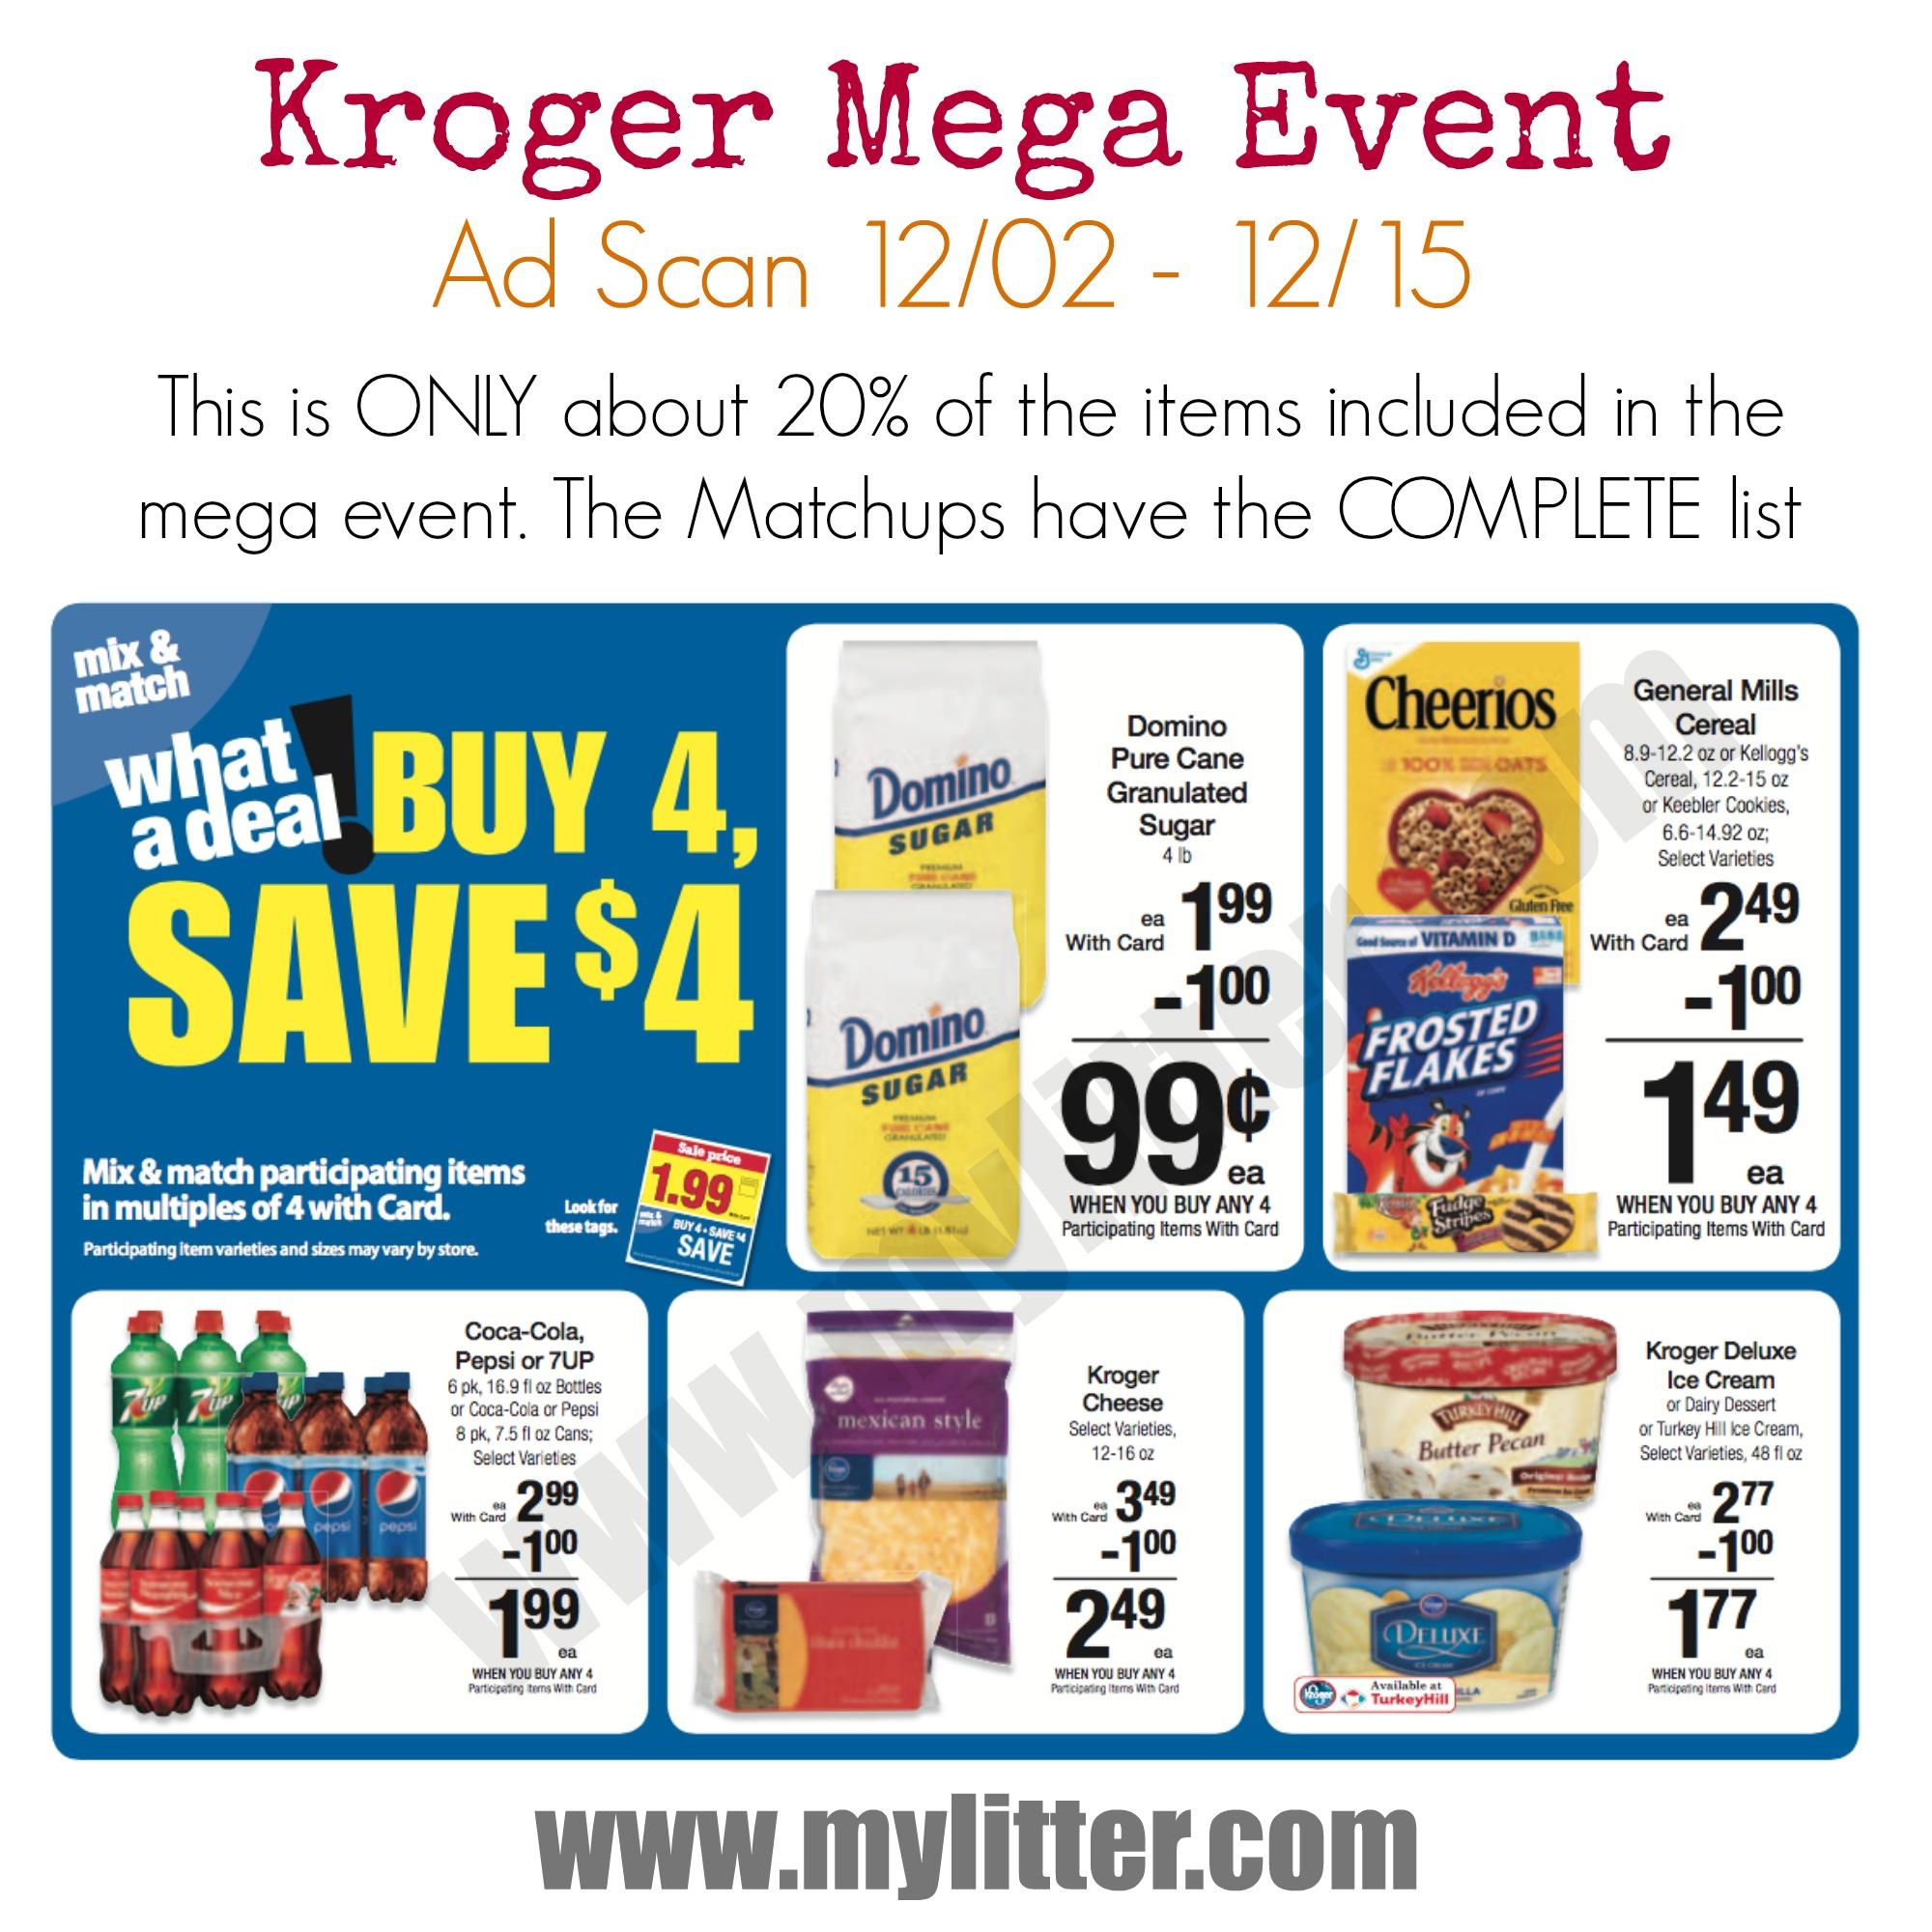 Kroger mega event ad scan